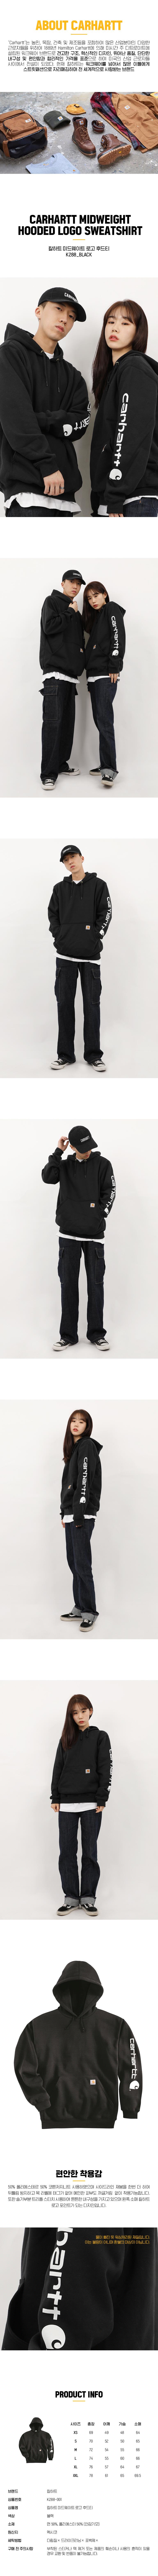 칼하트(CARHARTT) 미드웨이트 로고 후드 블랙 / K288-001